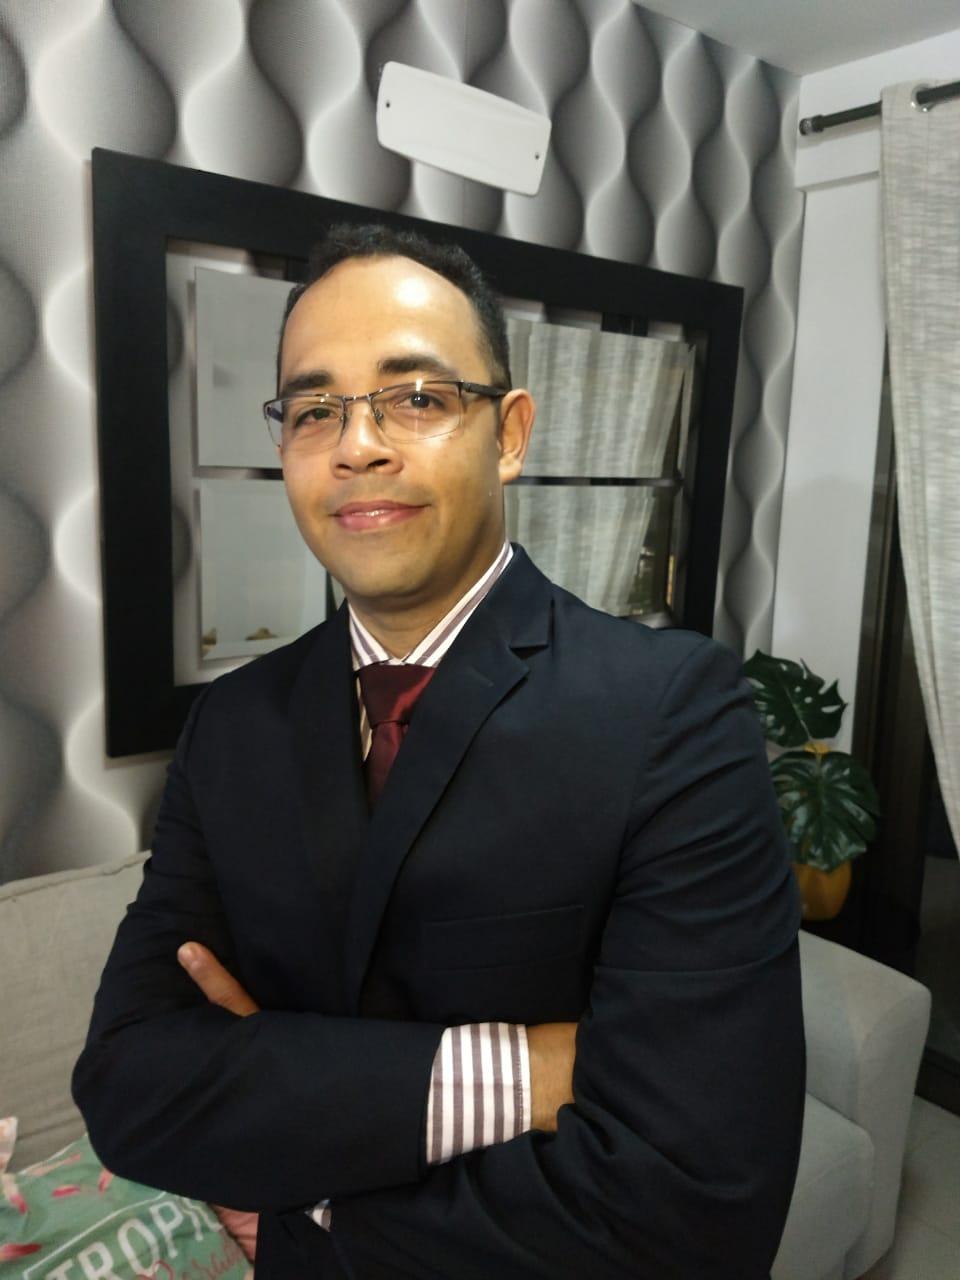 ENTREVISTA: Tiago Batista - Aprovado no Exame de Qualificação Técnica para Perito Contábil